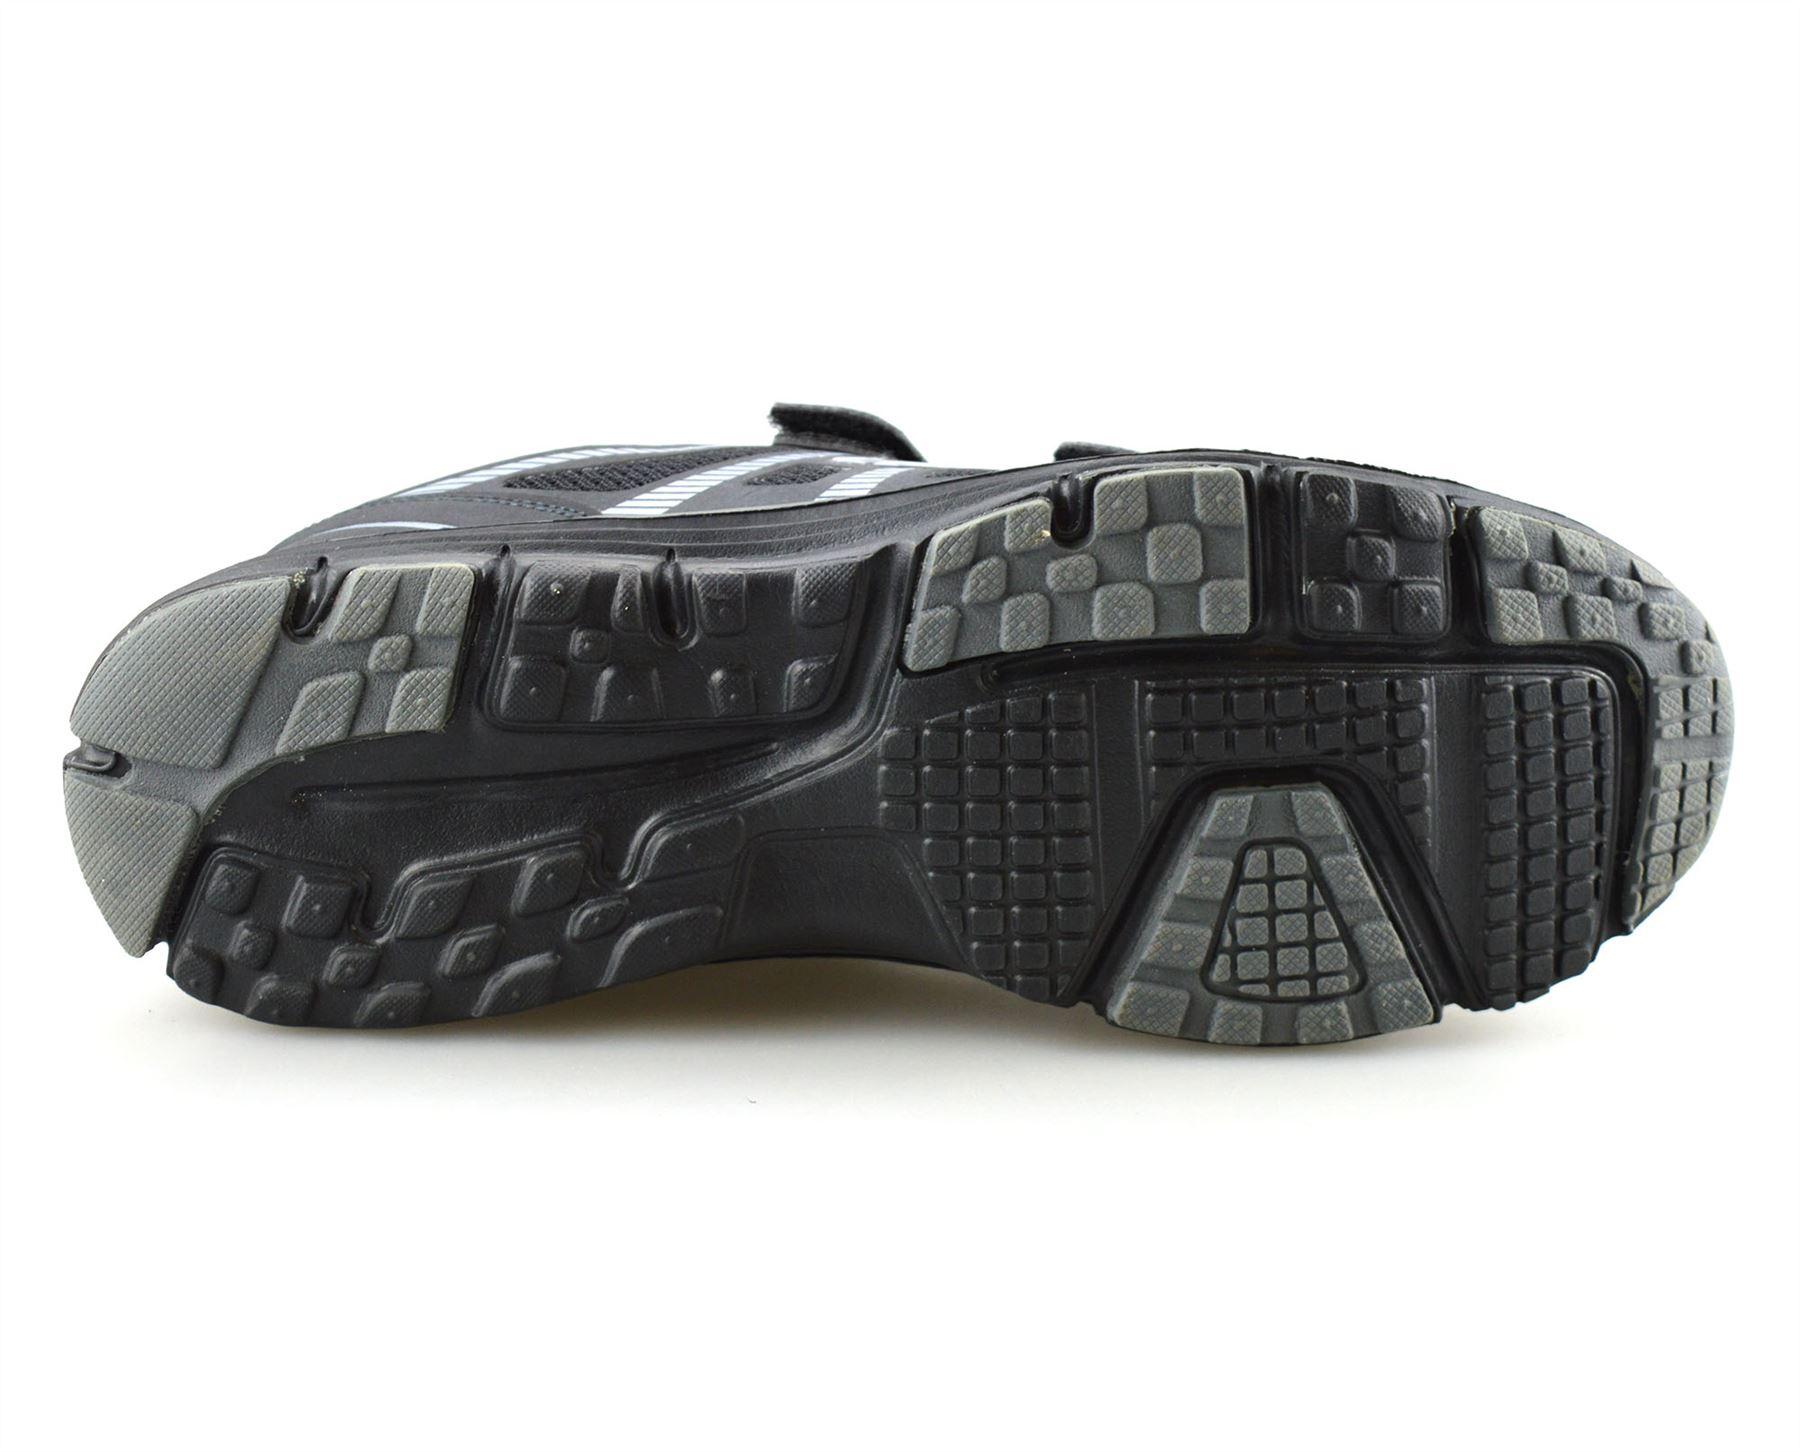 Hombre-Nuevo-Casual-Tactil-Correa-Pasear-Running-Gimnasio-Deportes-Ninos-Zapatillas-Zapatos-Talla miniatura 13